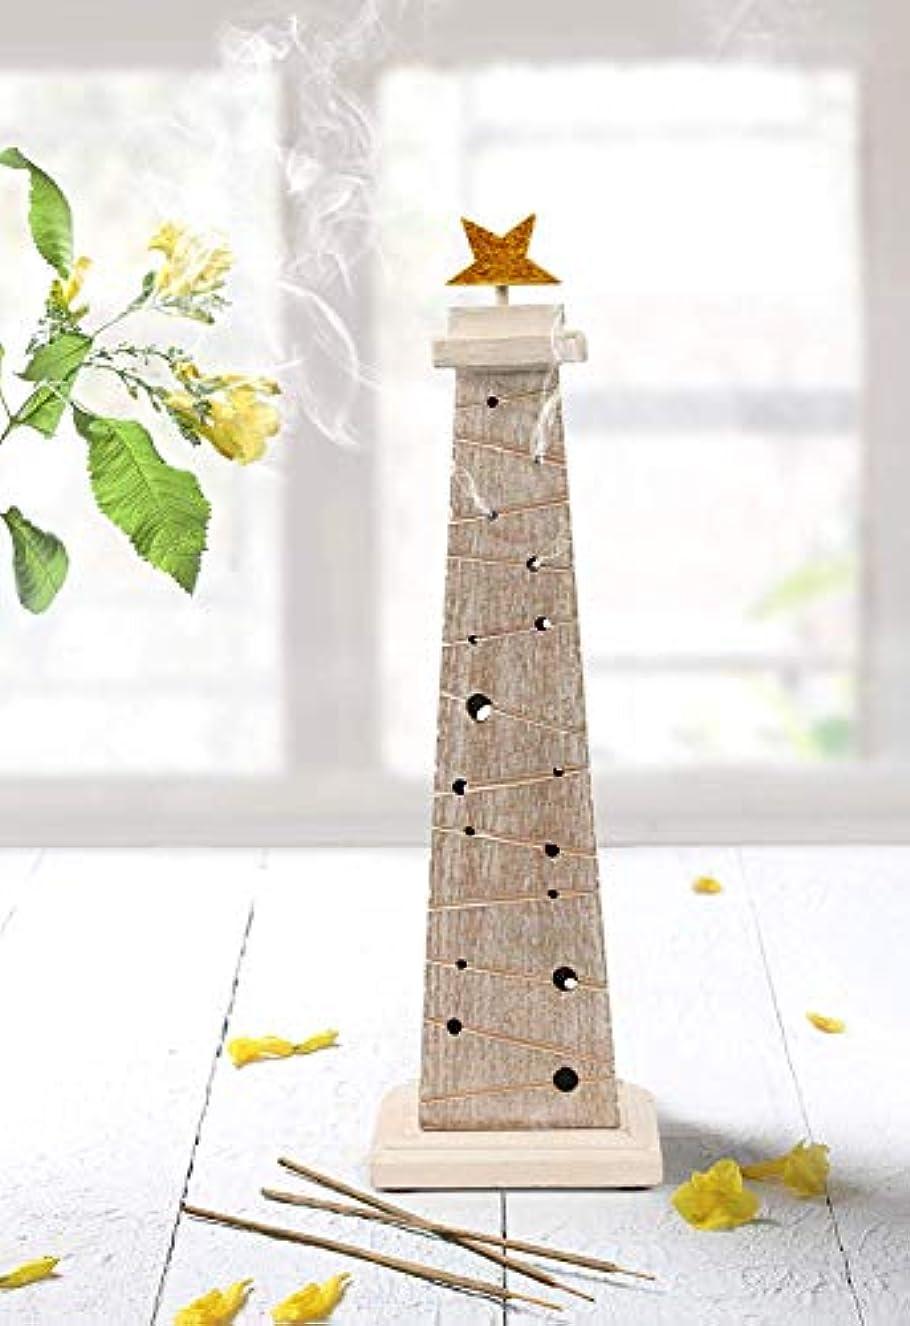 どんよりした本気緩やかなstoreindya 感謝祭ギフト 木製クリスマスツリーのお香 高さ14インチ ホワイトとゴールド ゴールド箔 新築祝いに最適